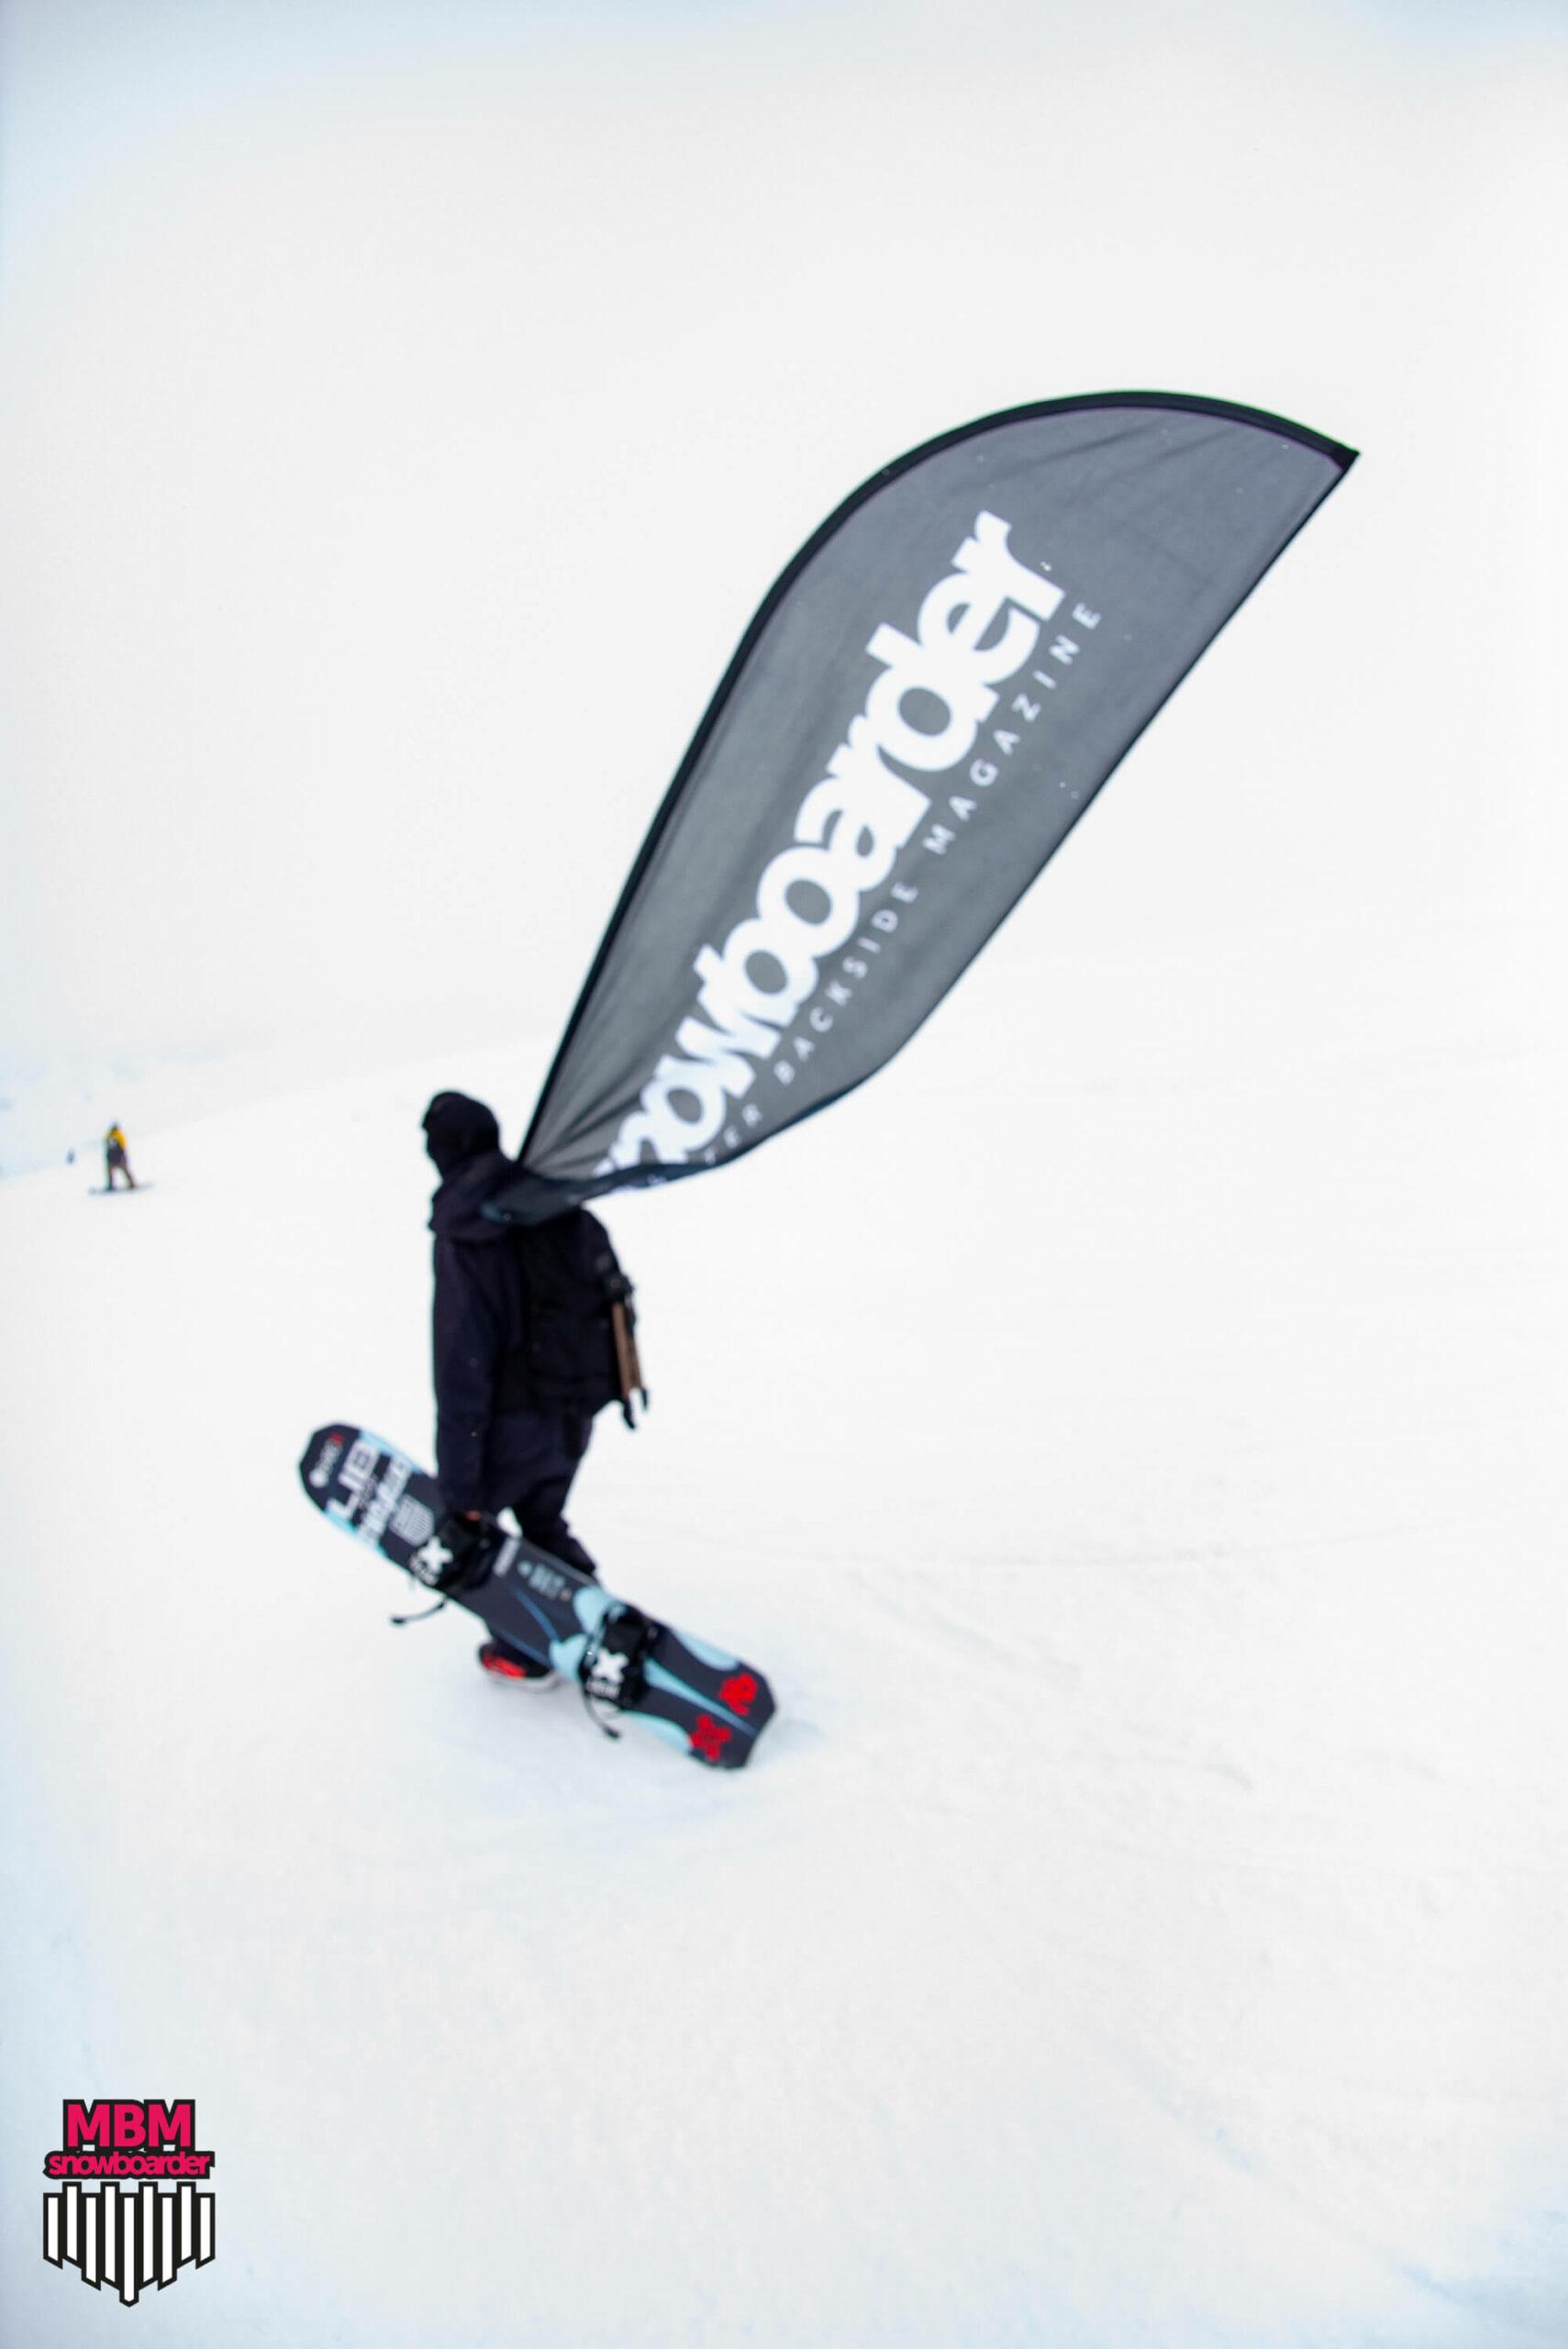 snowboarderMBM_sd_kaunertal_117